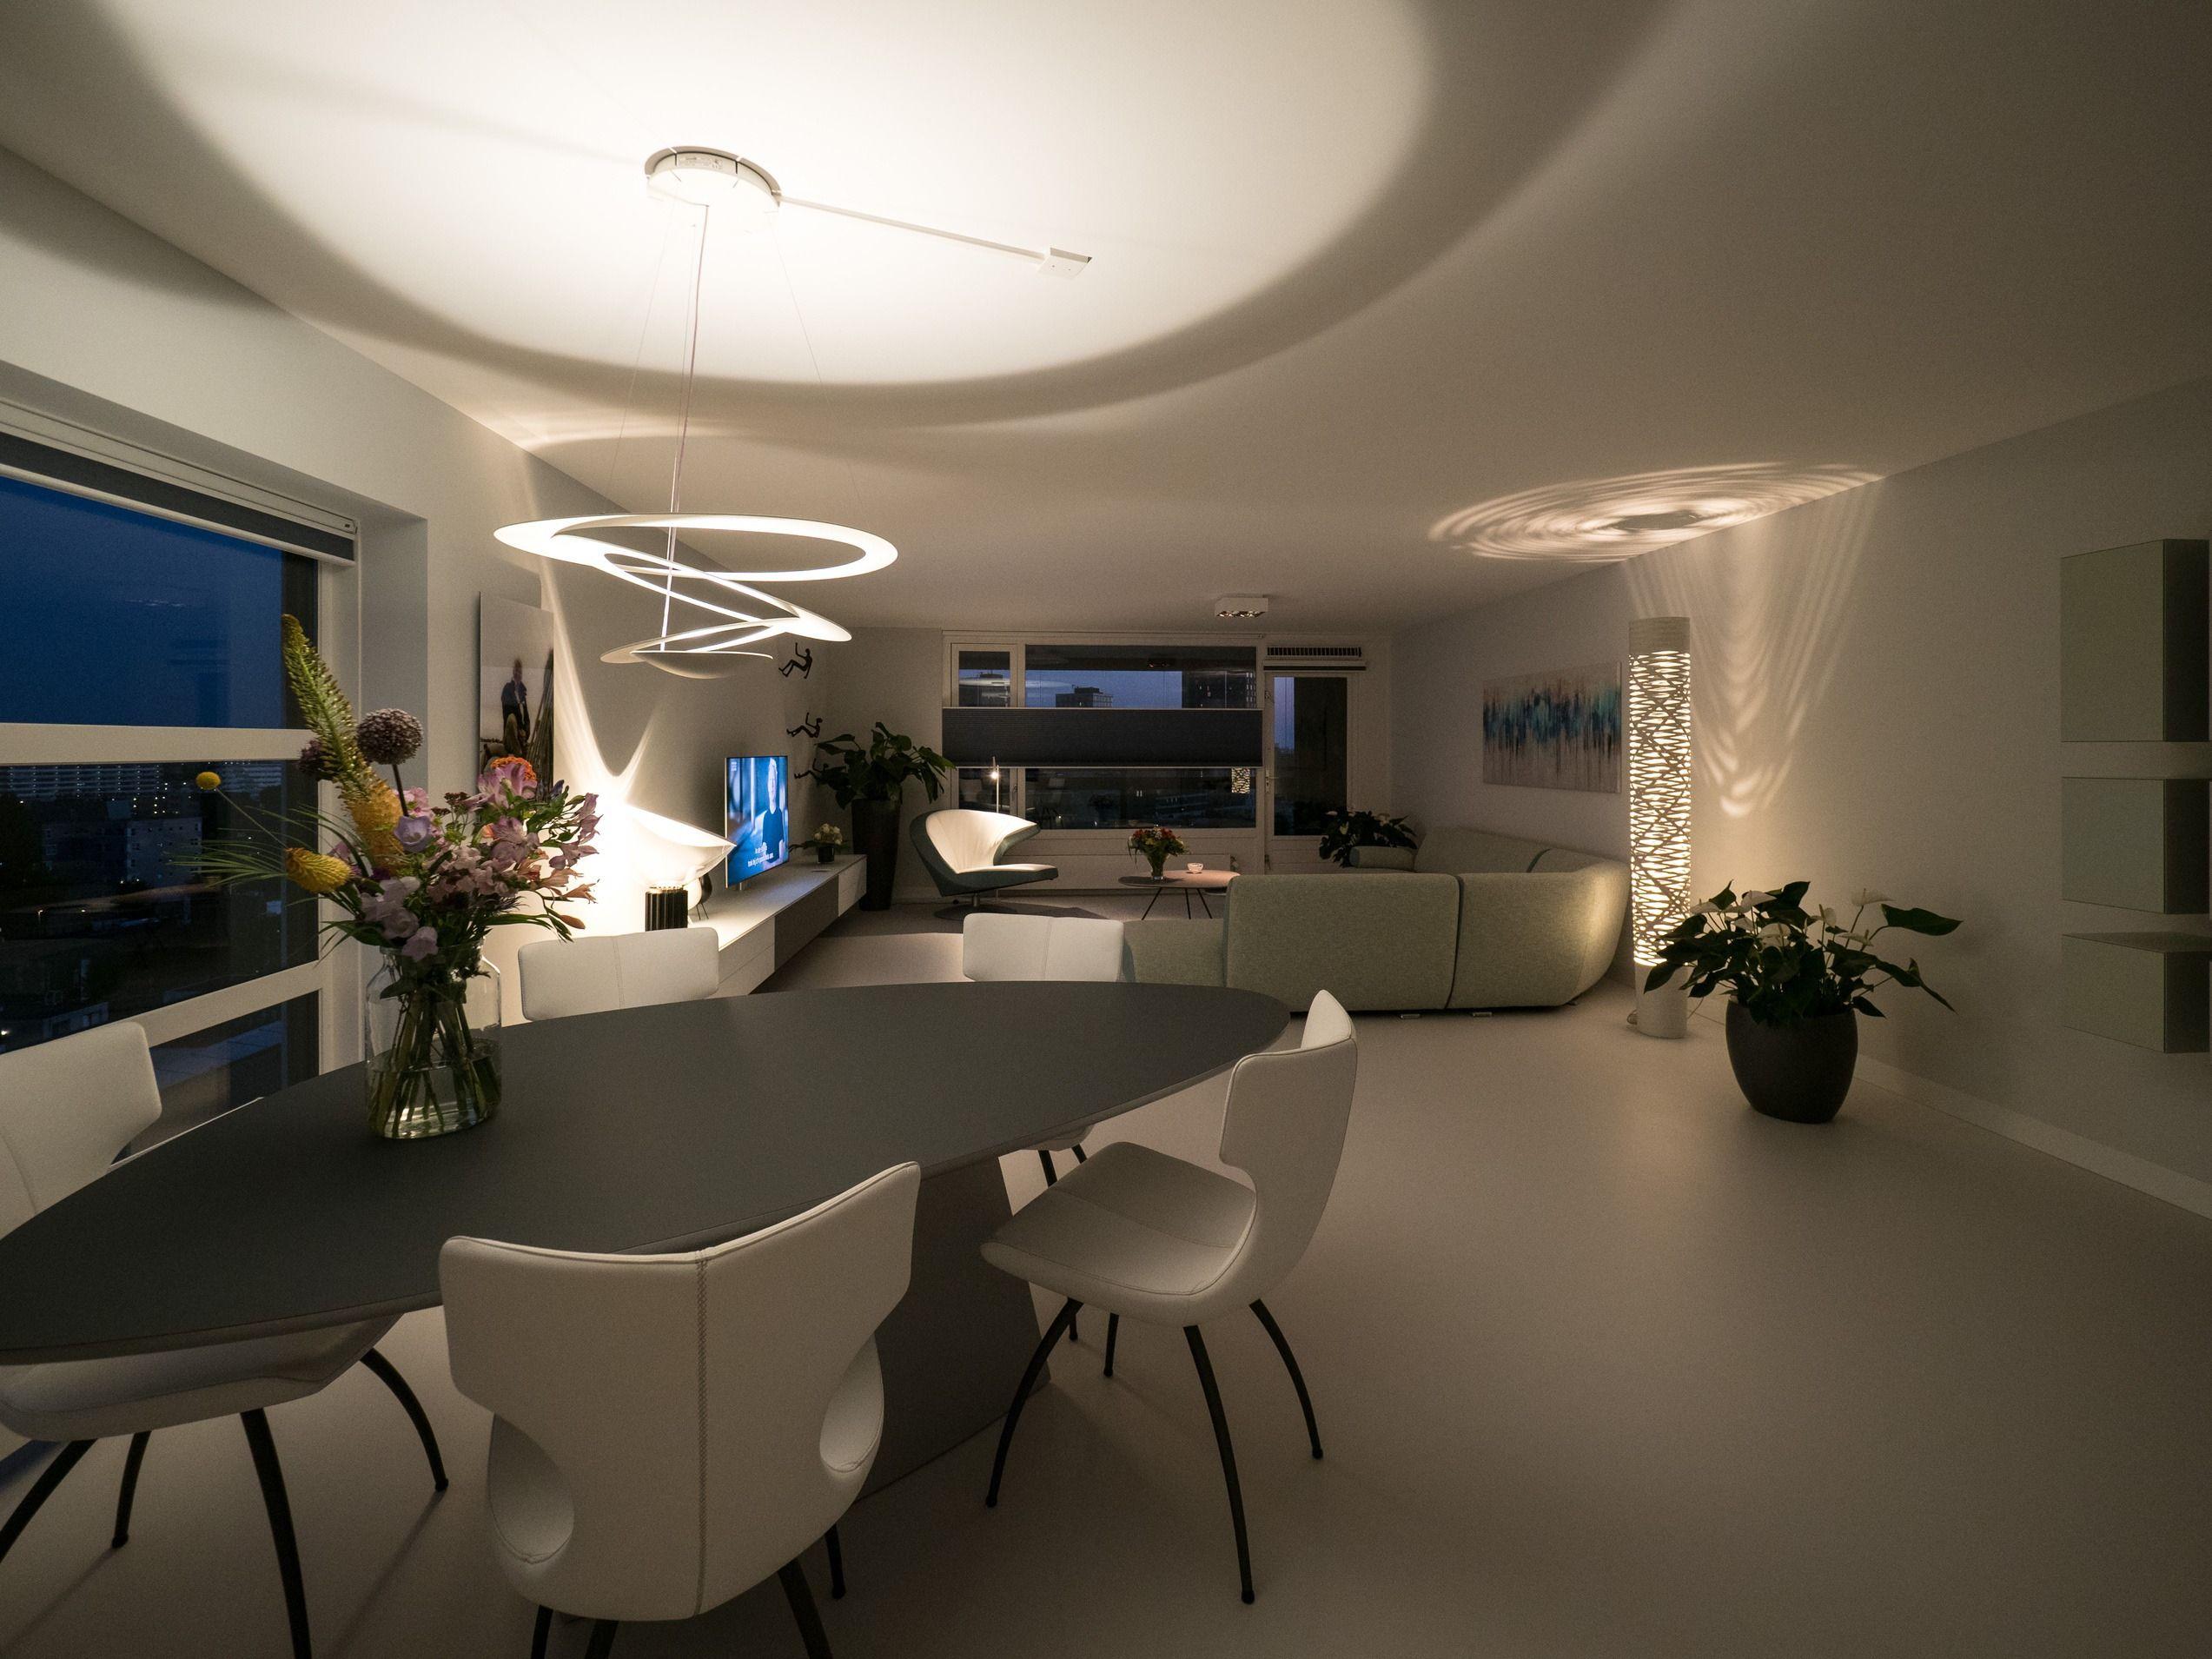 Strakke gietvloer in een stijlvolle woning met een modern interieur